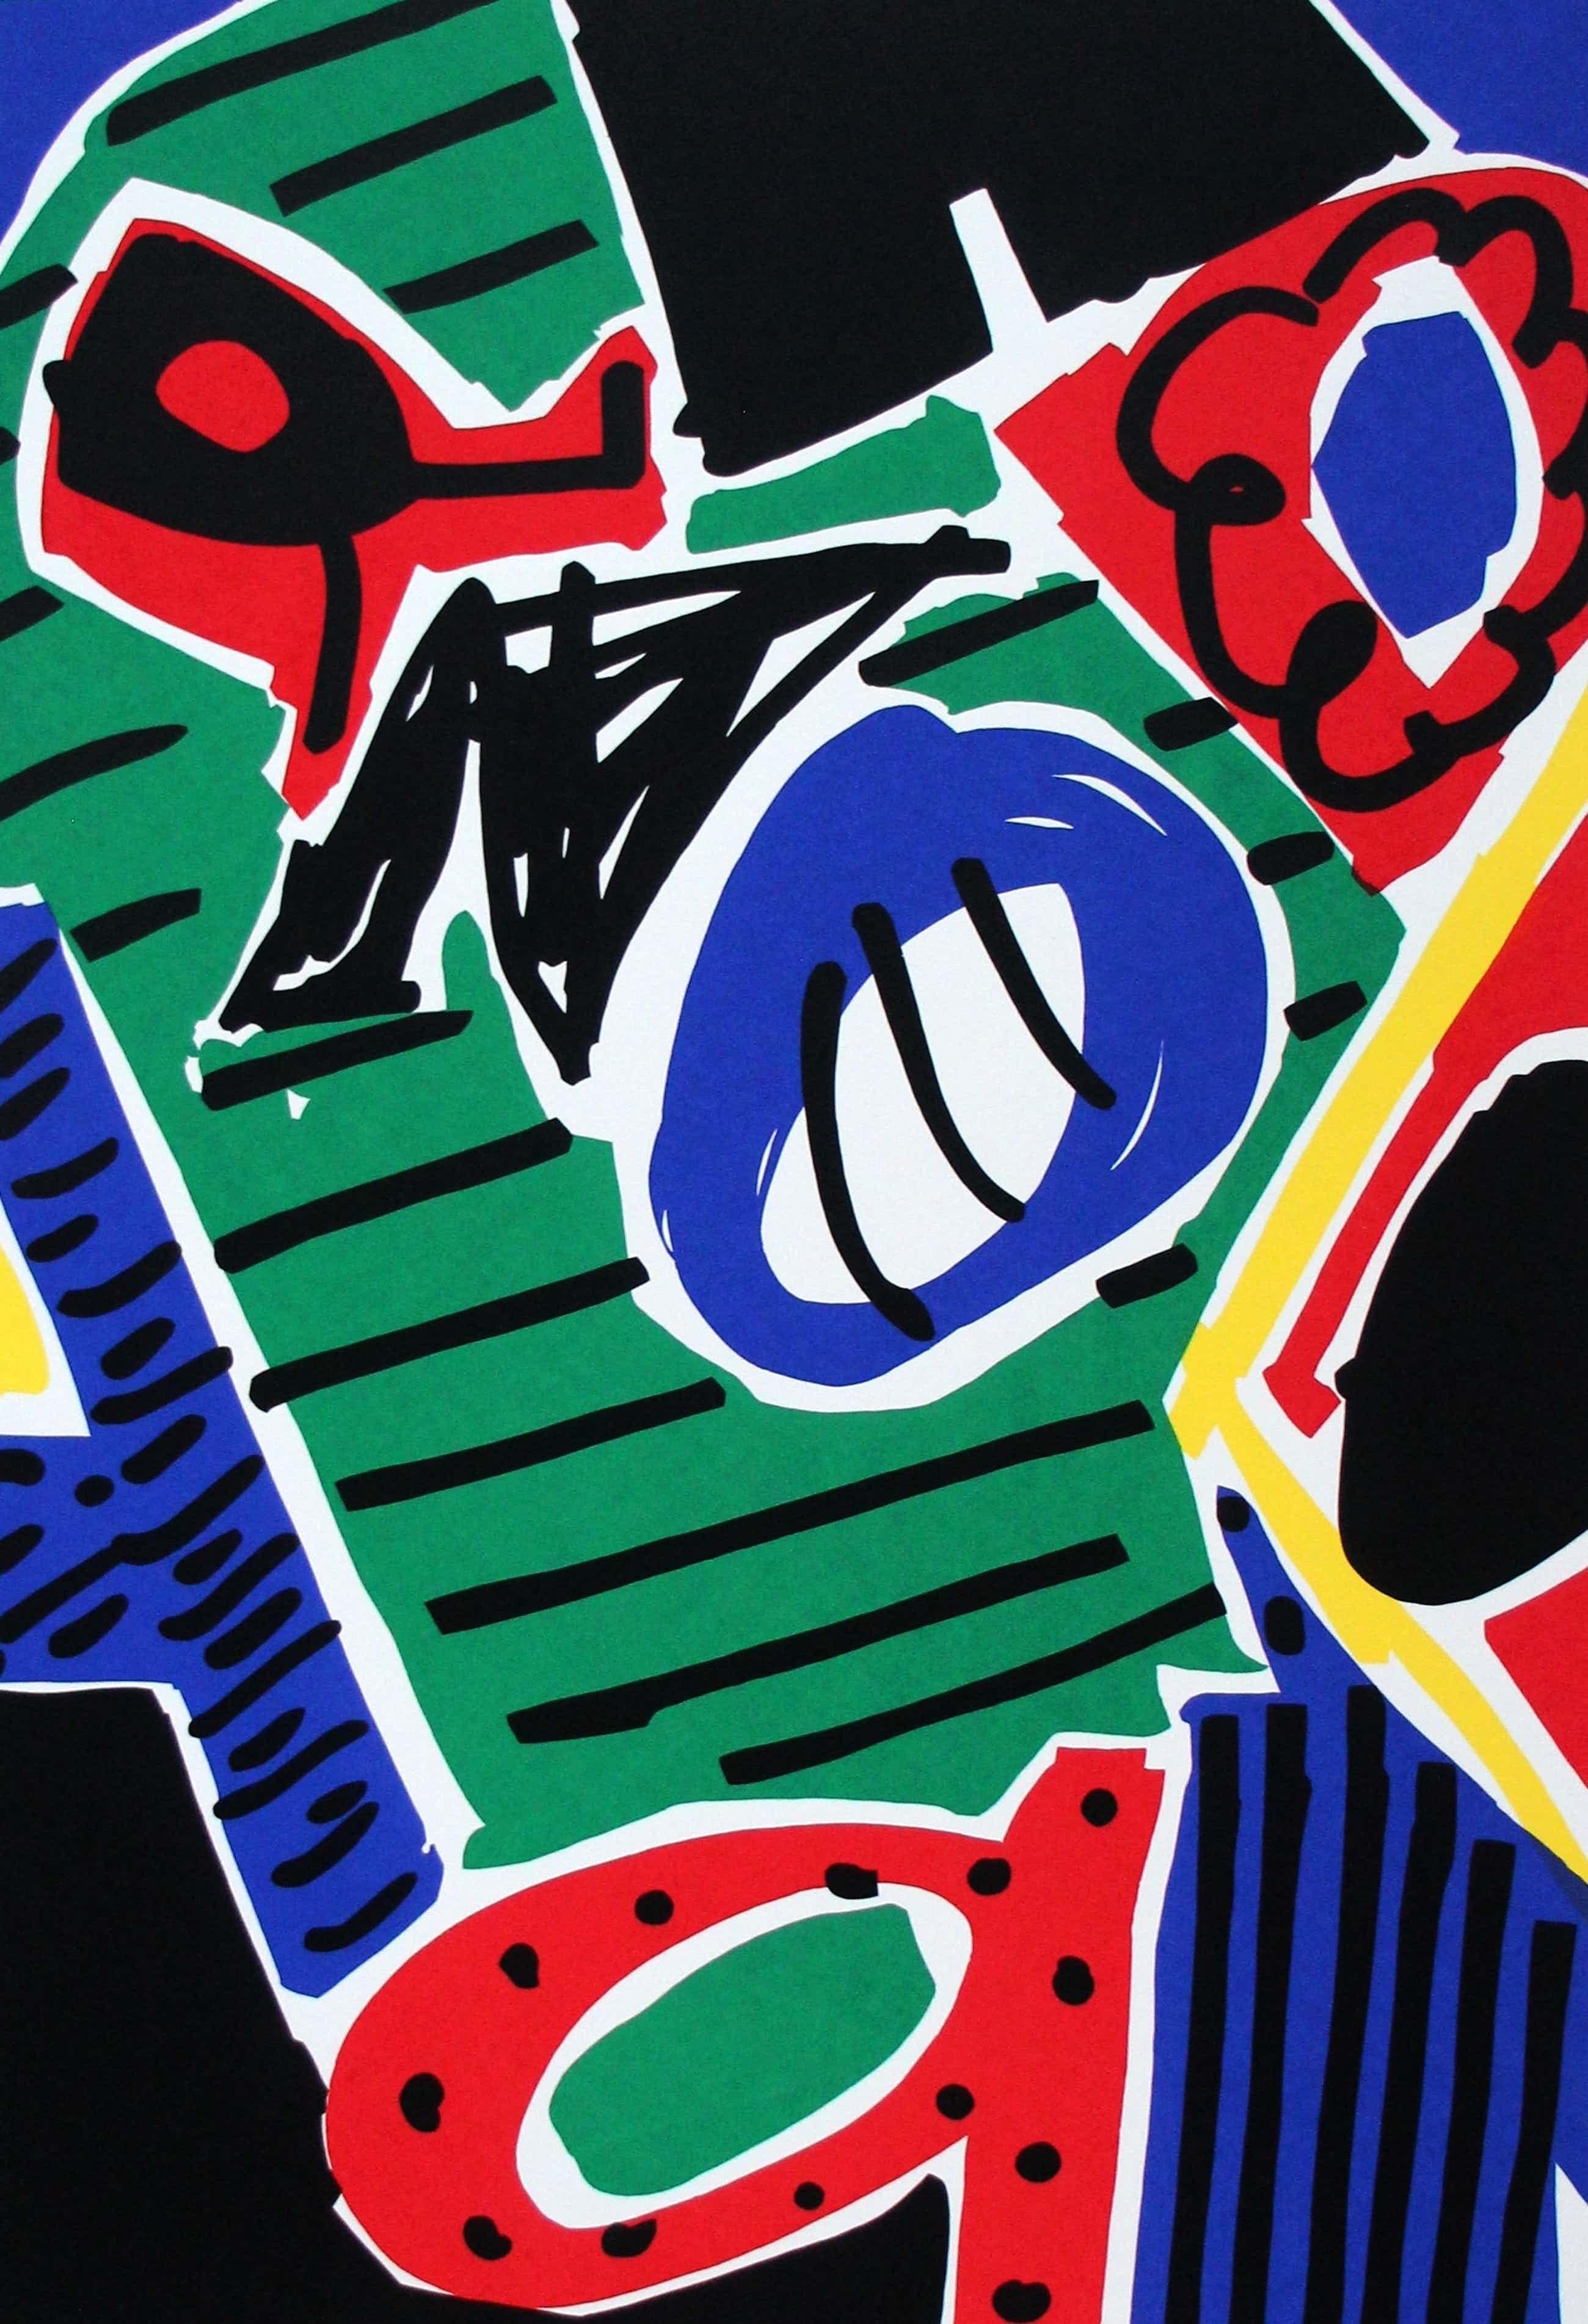 Yolande Brouwers - Zeefdruk: Anoq - gesigneerd - 1993 kopen? Bied vanaf 35!